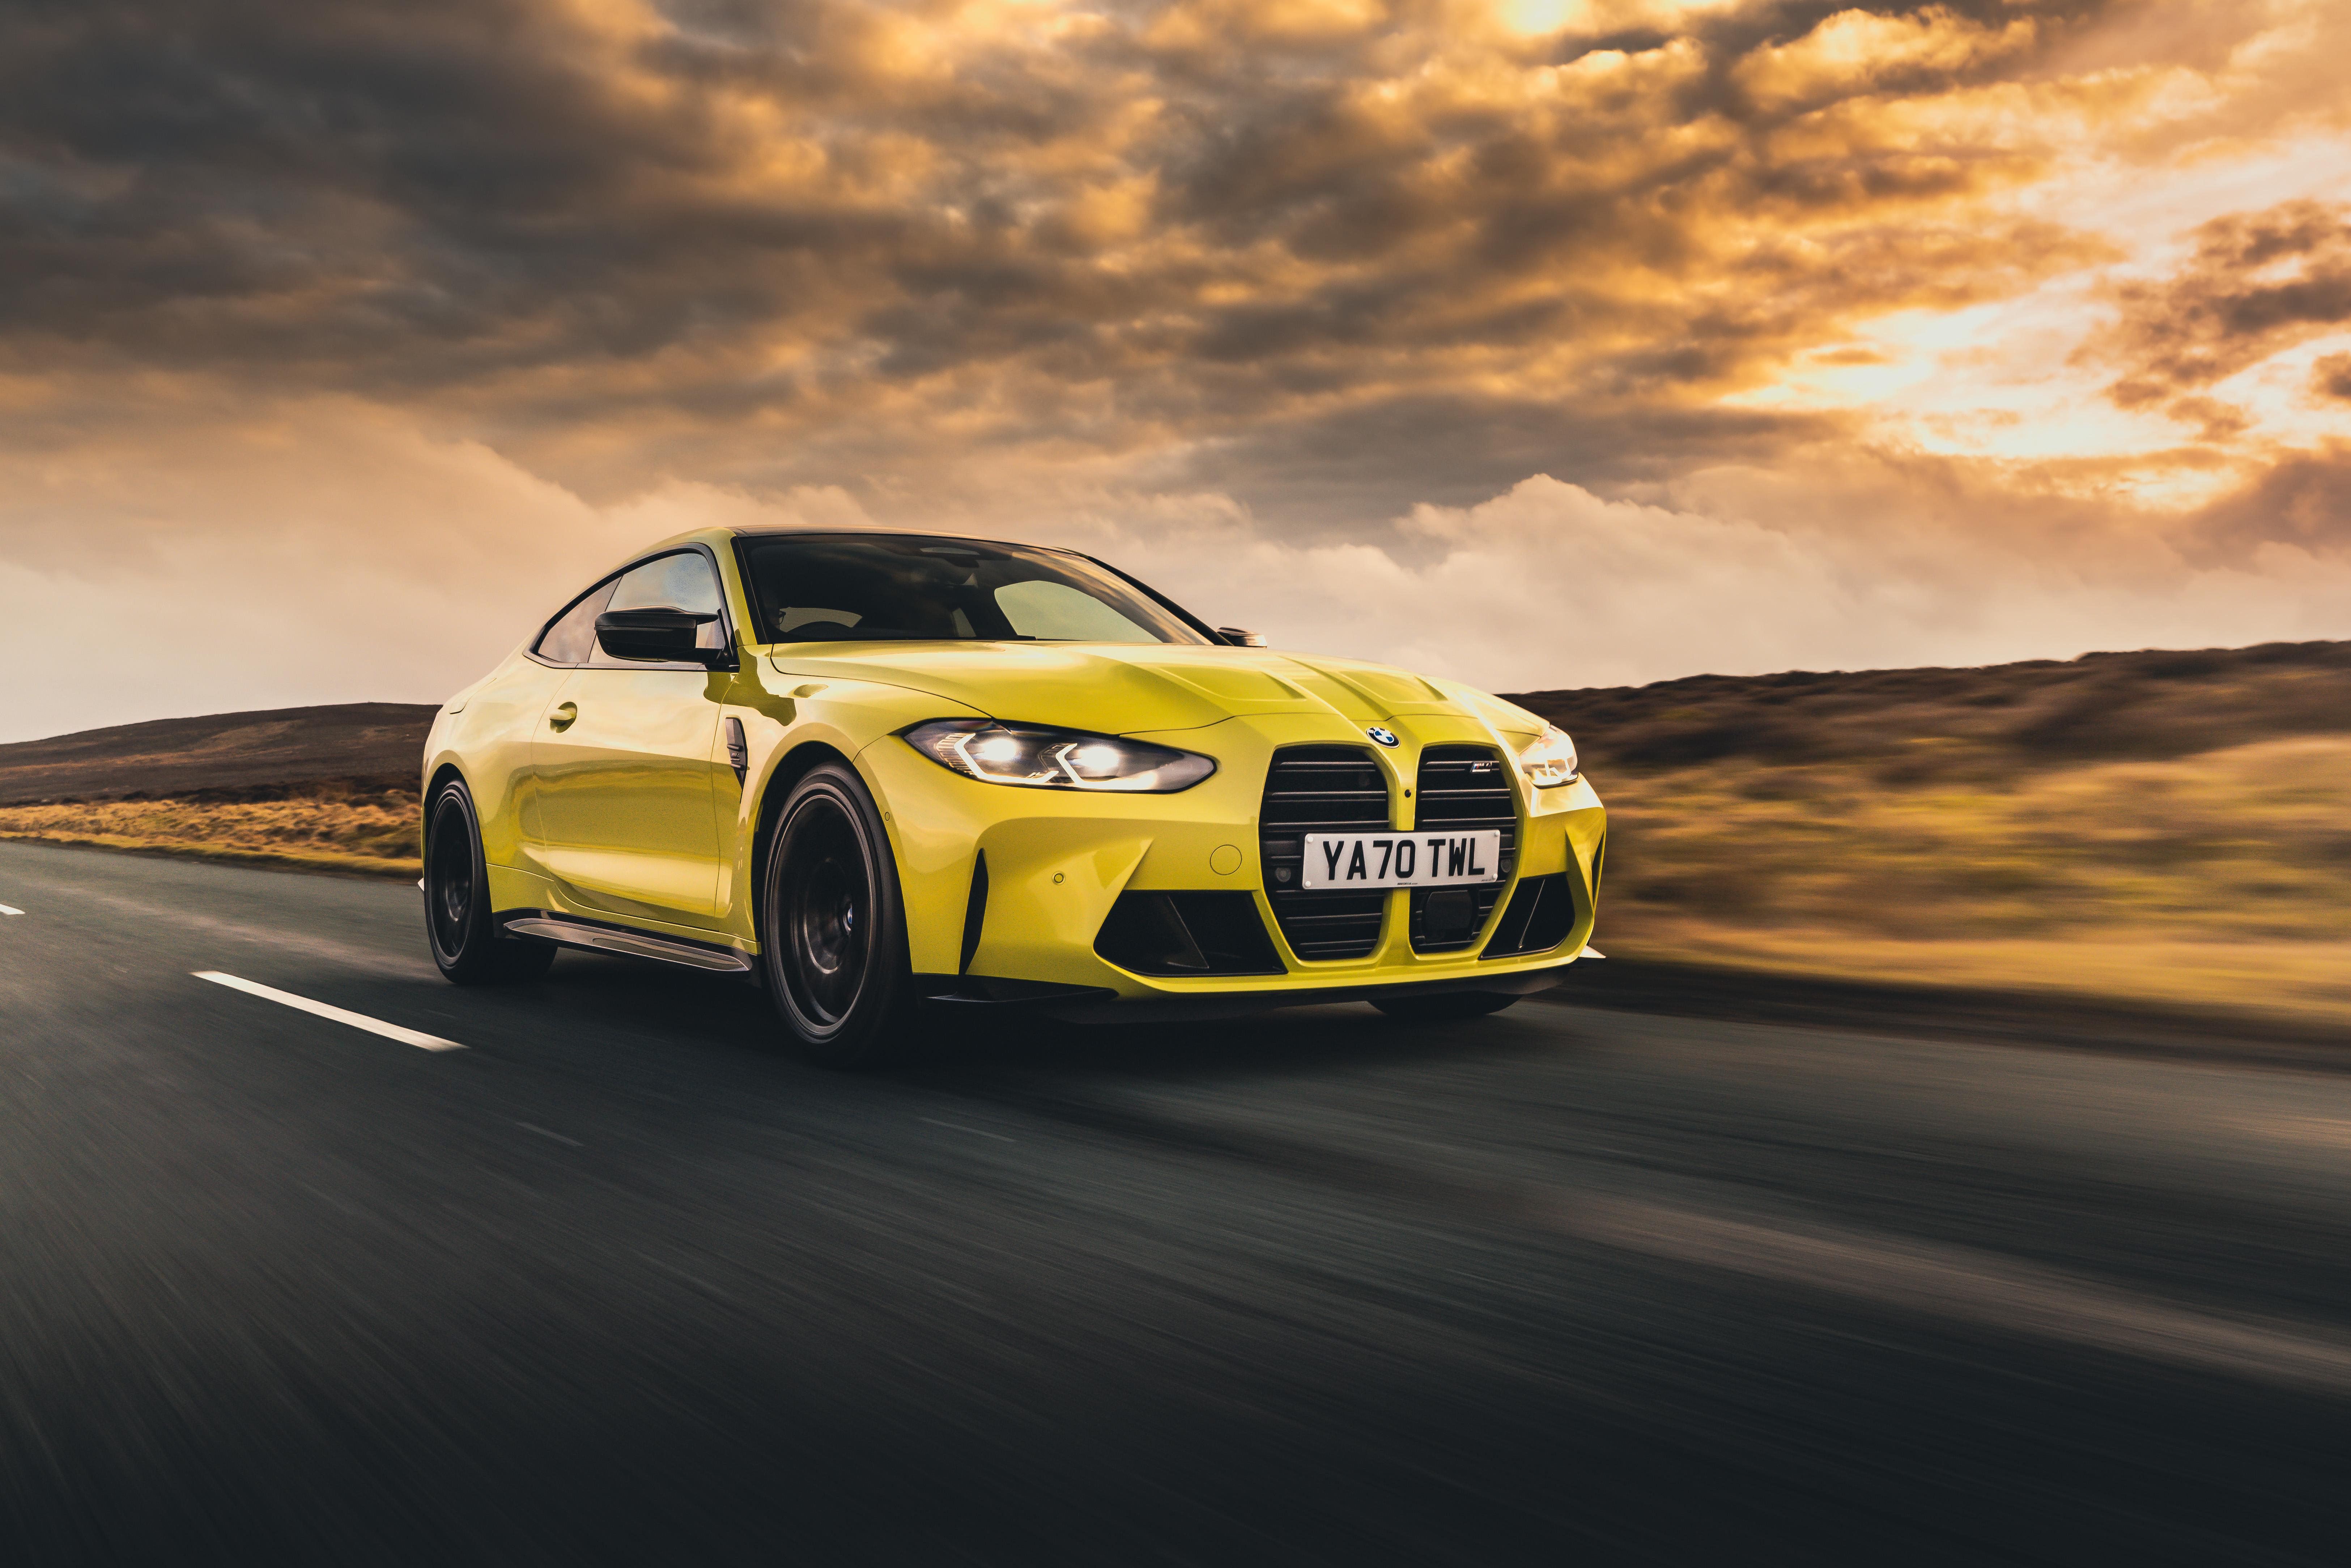 bmw m4 competition 2021 4k 1618921723 - BMW M4 Competition 2021 4k - BMW M4 Competition 2021 4k wallpapers